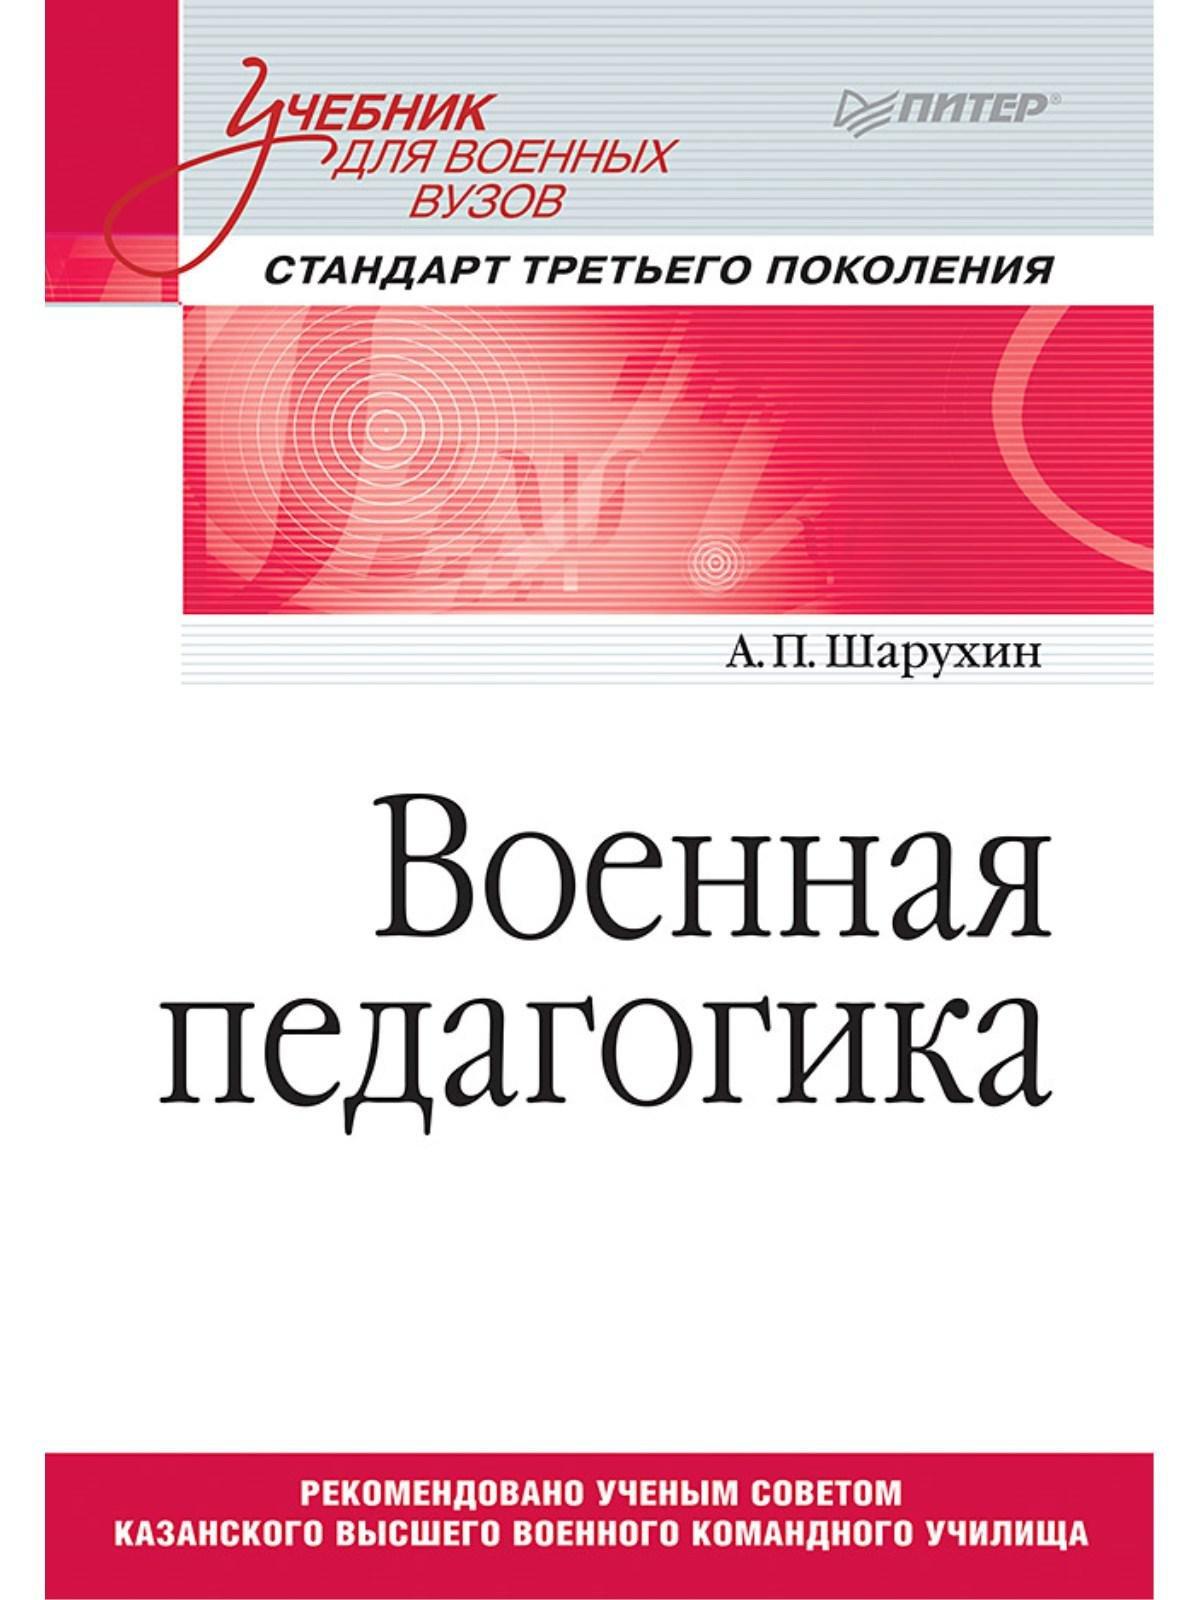 Шарухин Анатолий Петрович Военная педагогика. Учебник для военных вузов